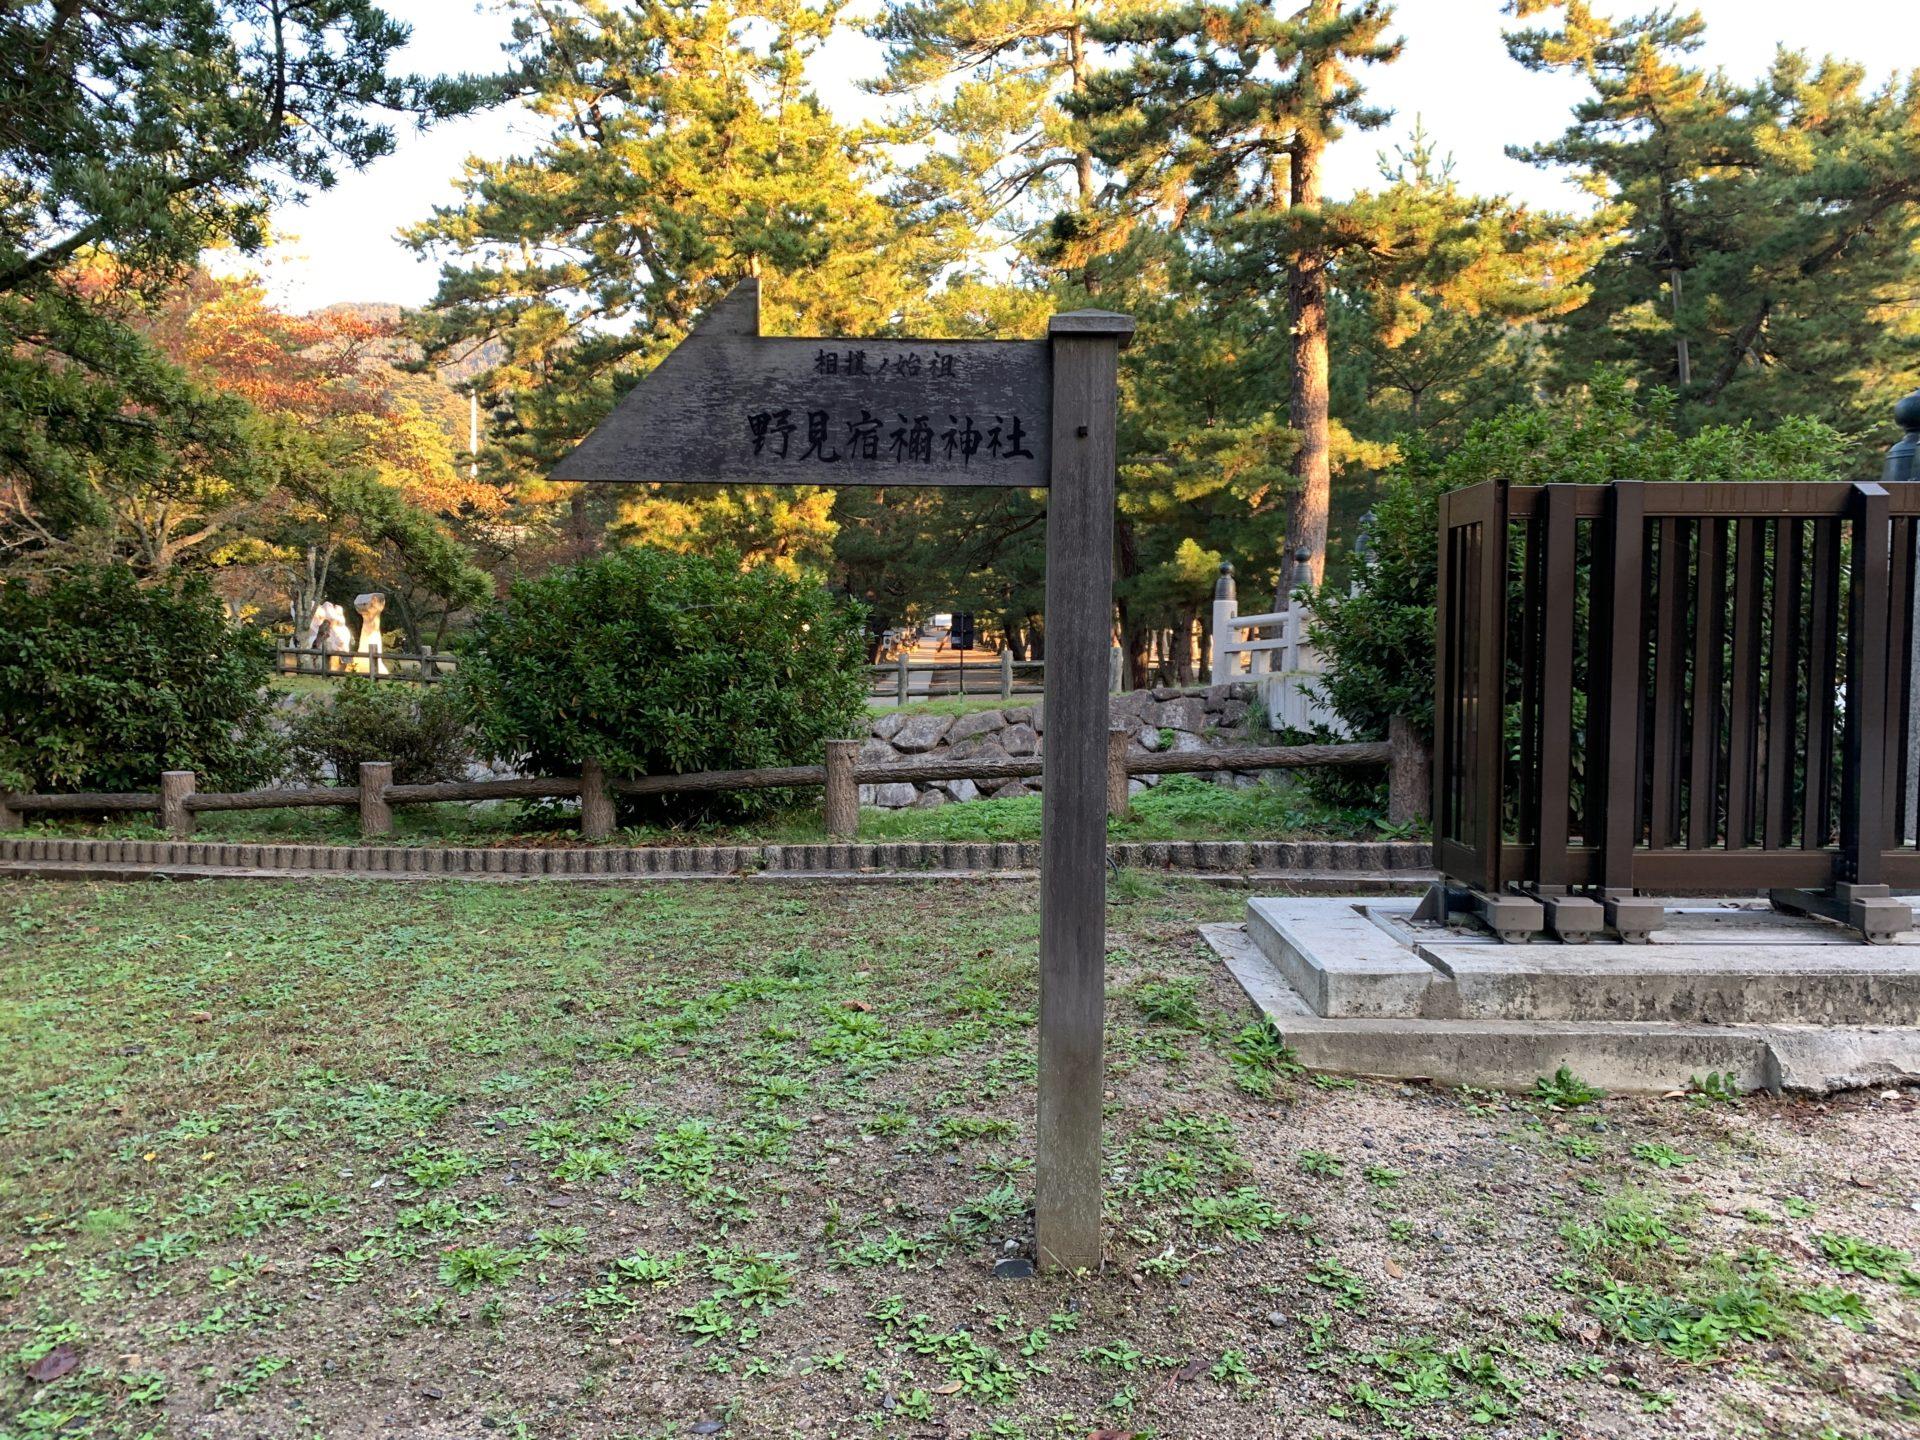 野見宿禰神社への案内